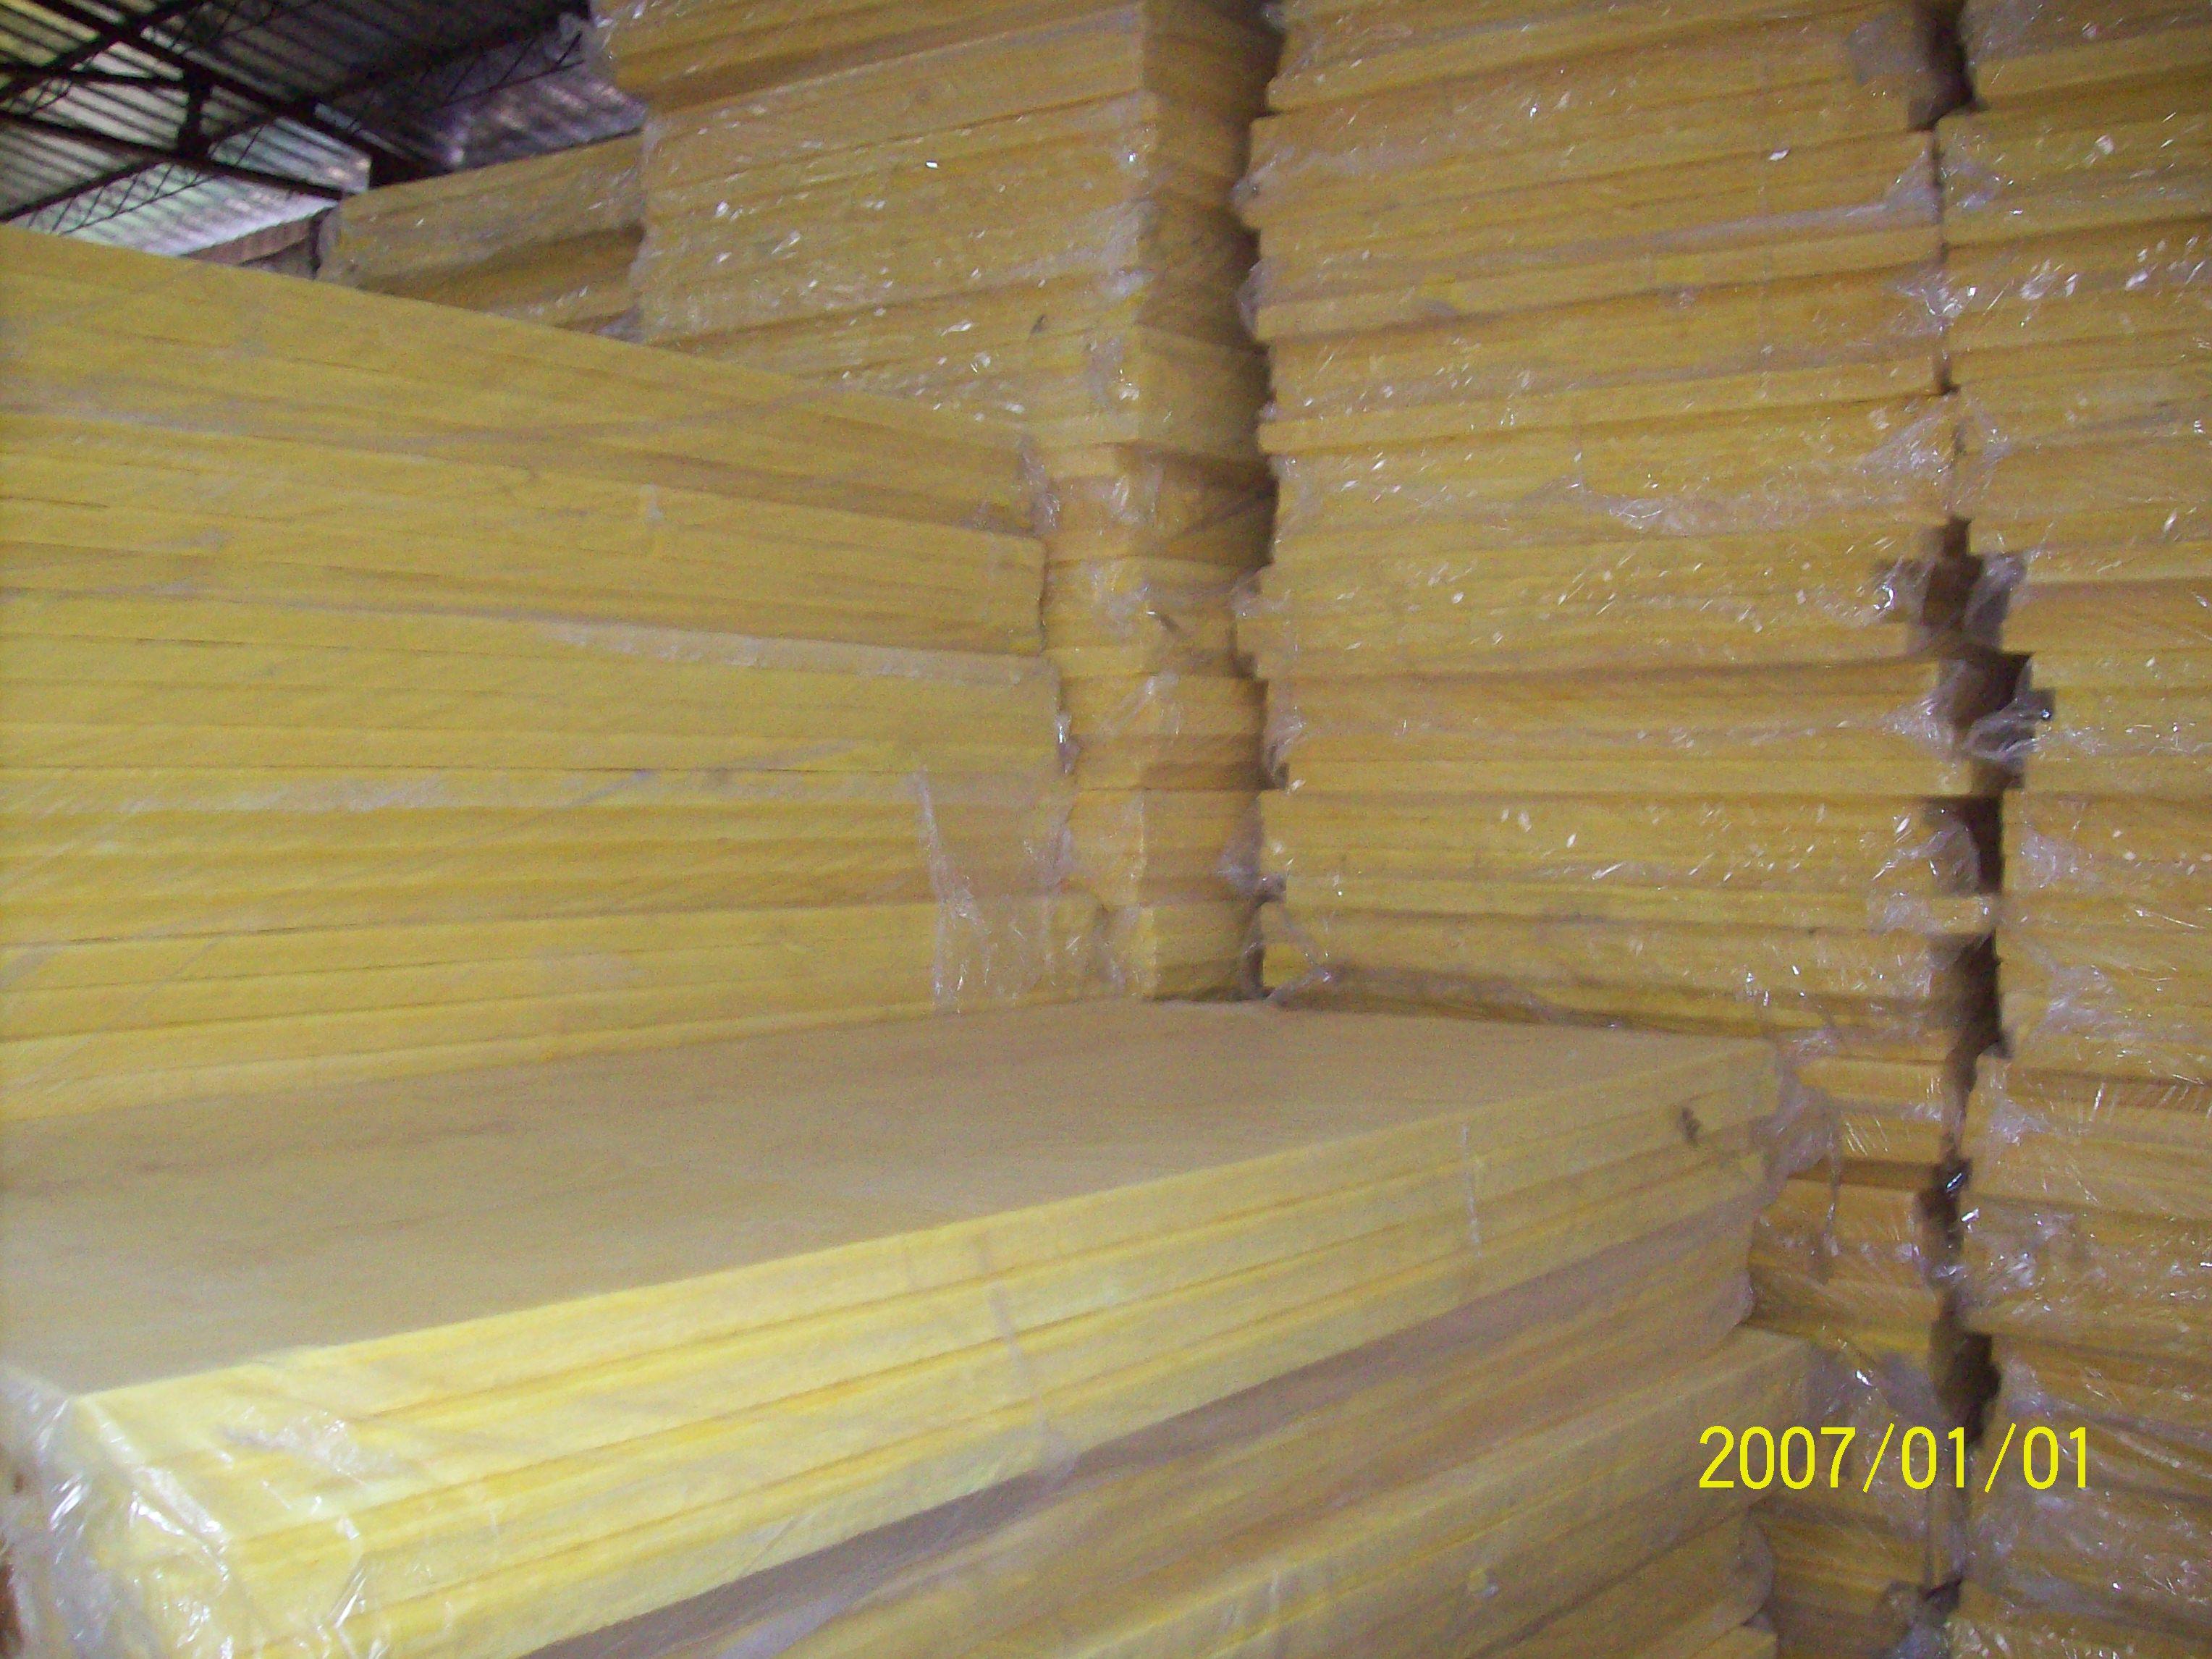 La construcción de las nuevas capas de material nuevo de techo de aislamiento térmico aislamiento con lana de vidrio de aislamiento de los 30 años.